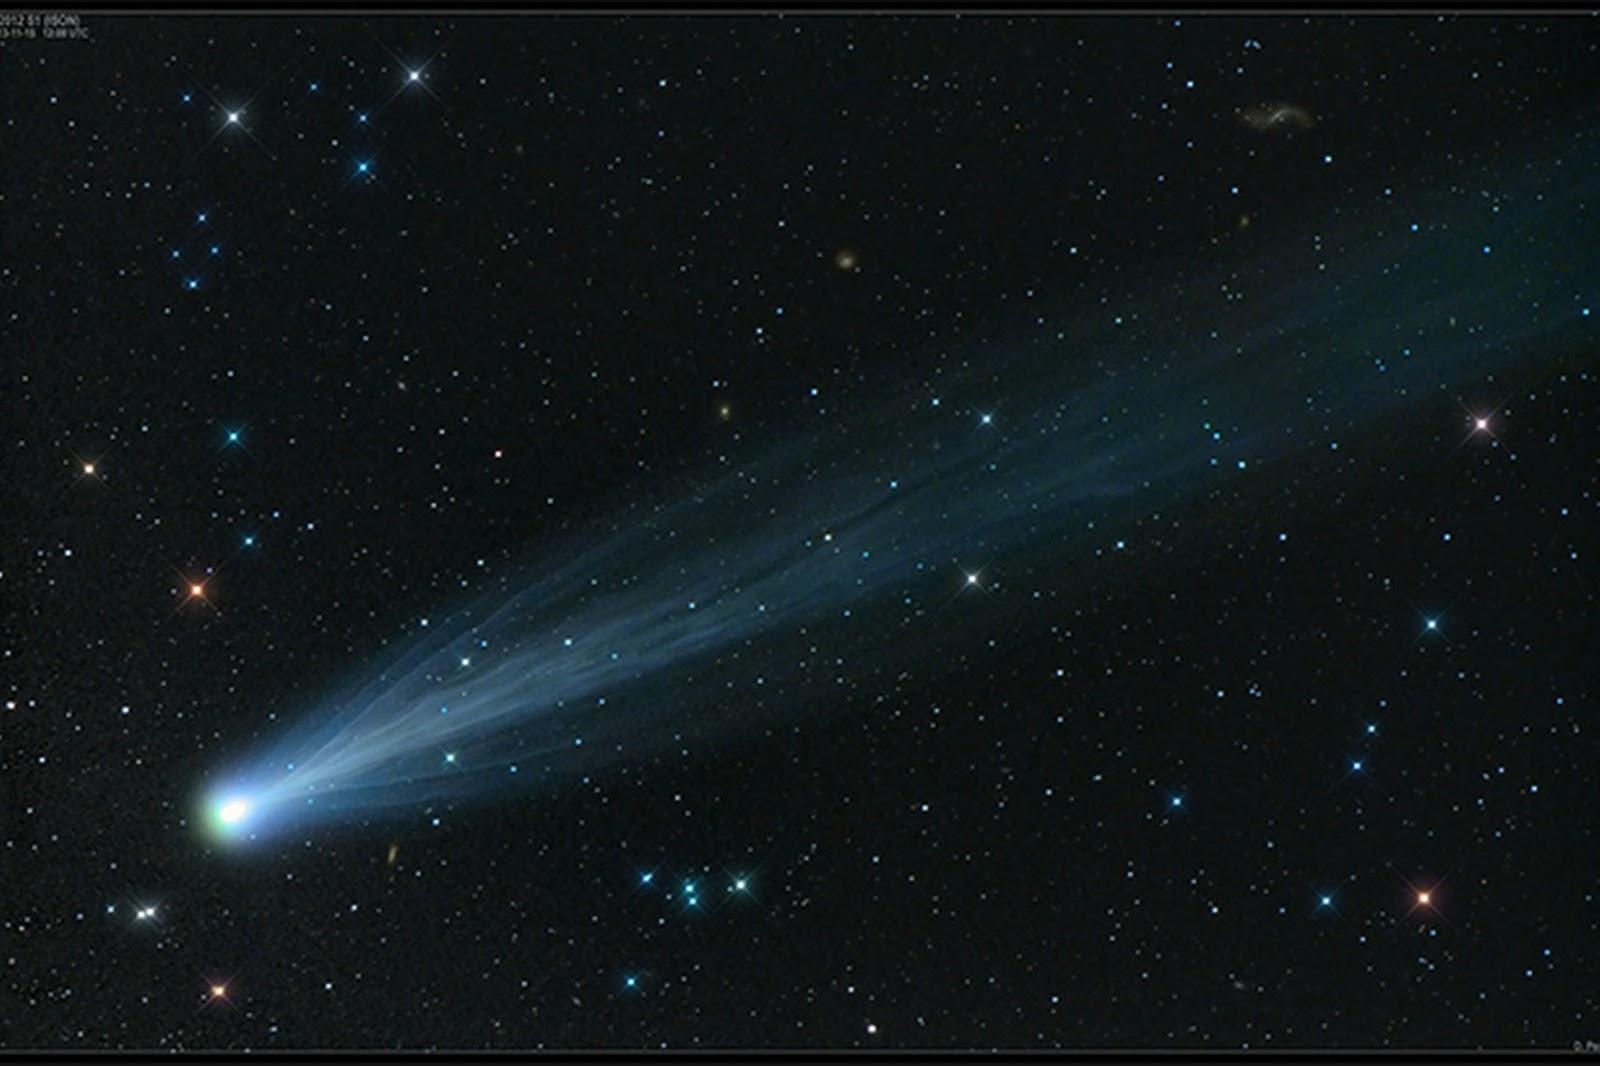 Komeetat